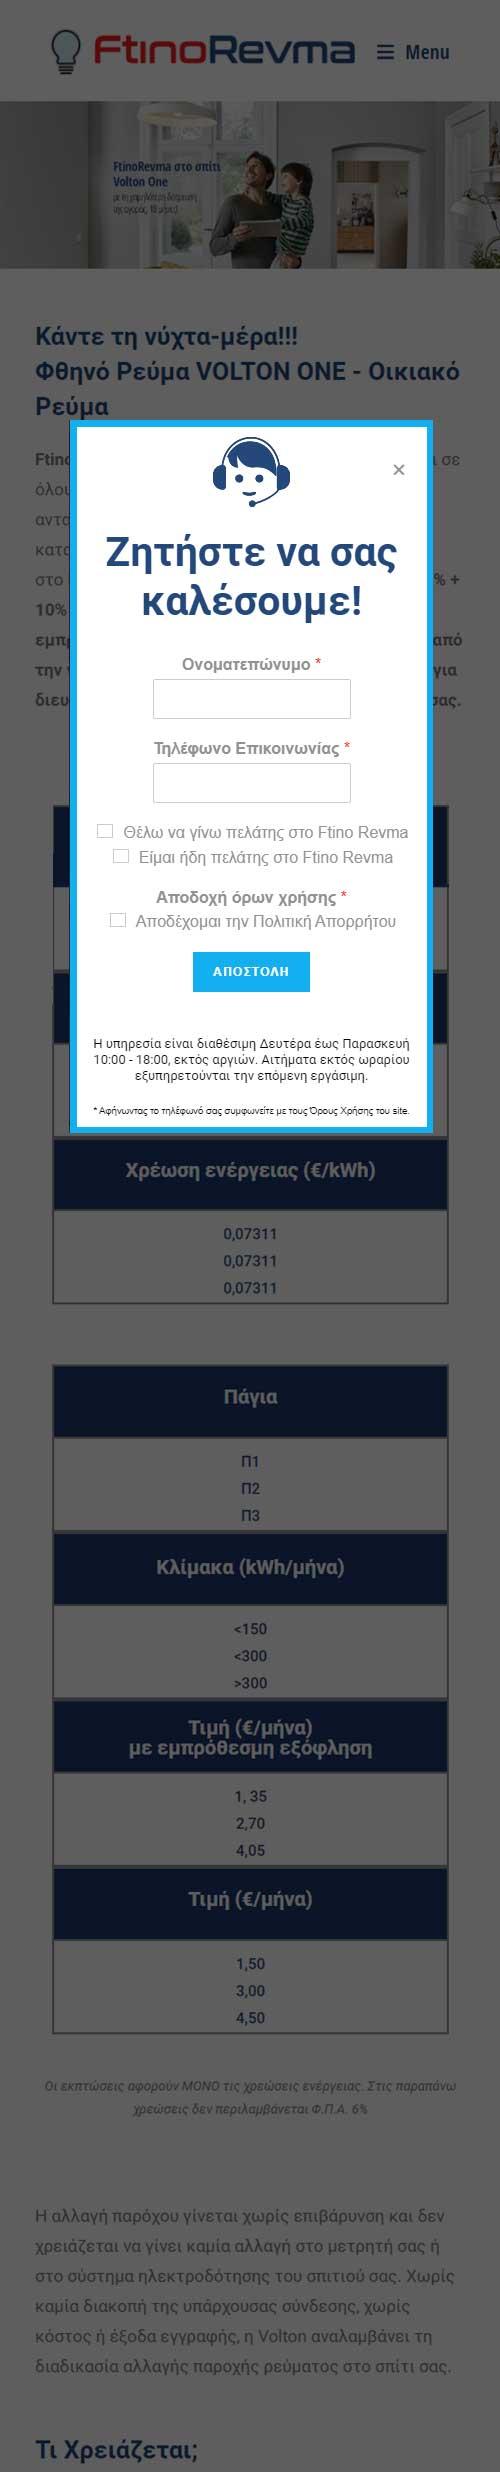 Κατασκευή ιστοσελίδων ftino revma resp 02